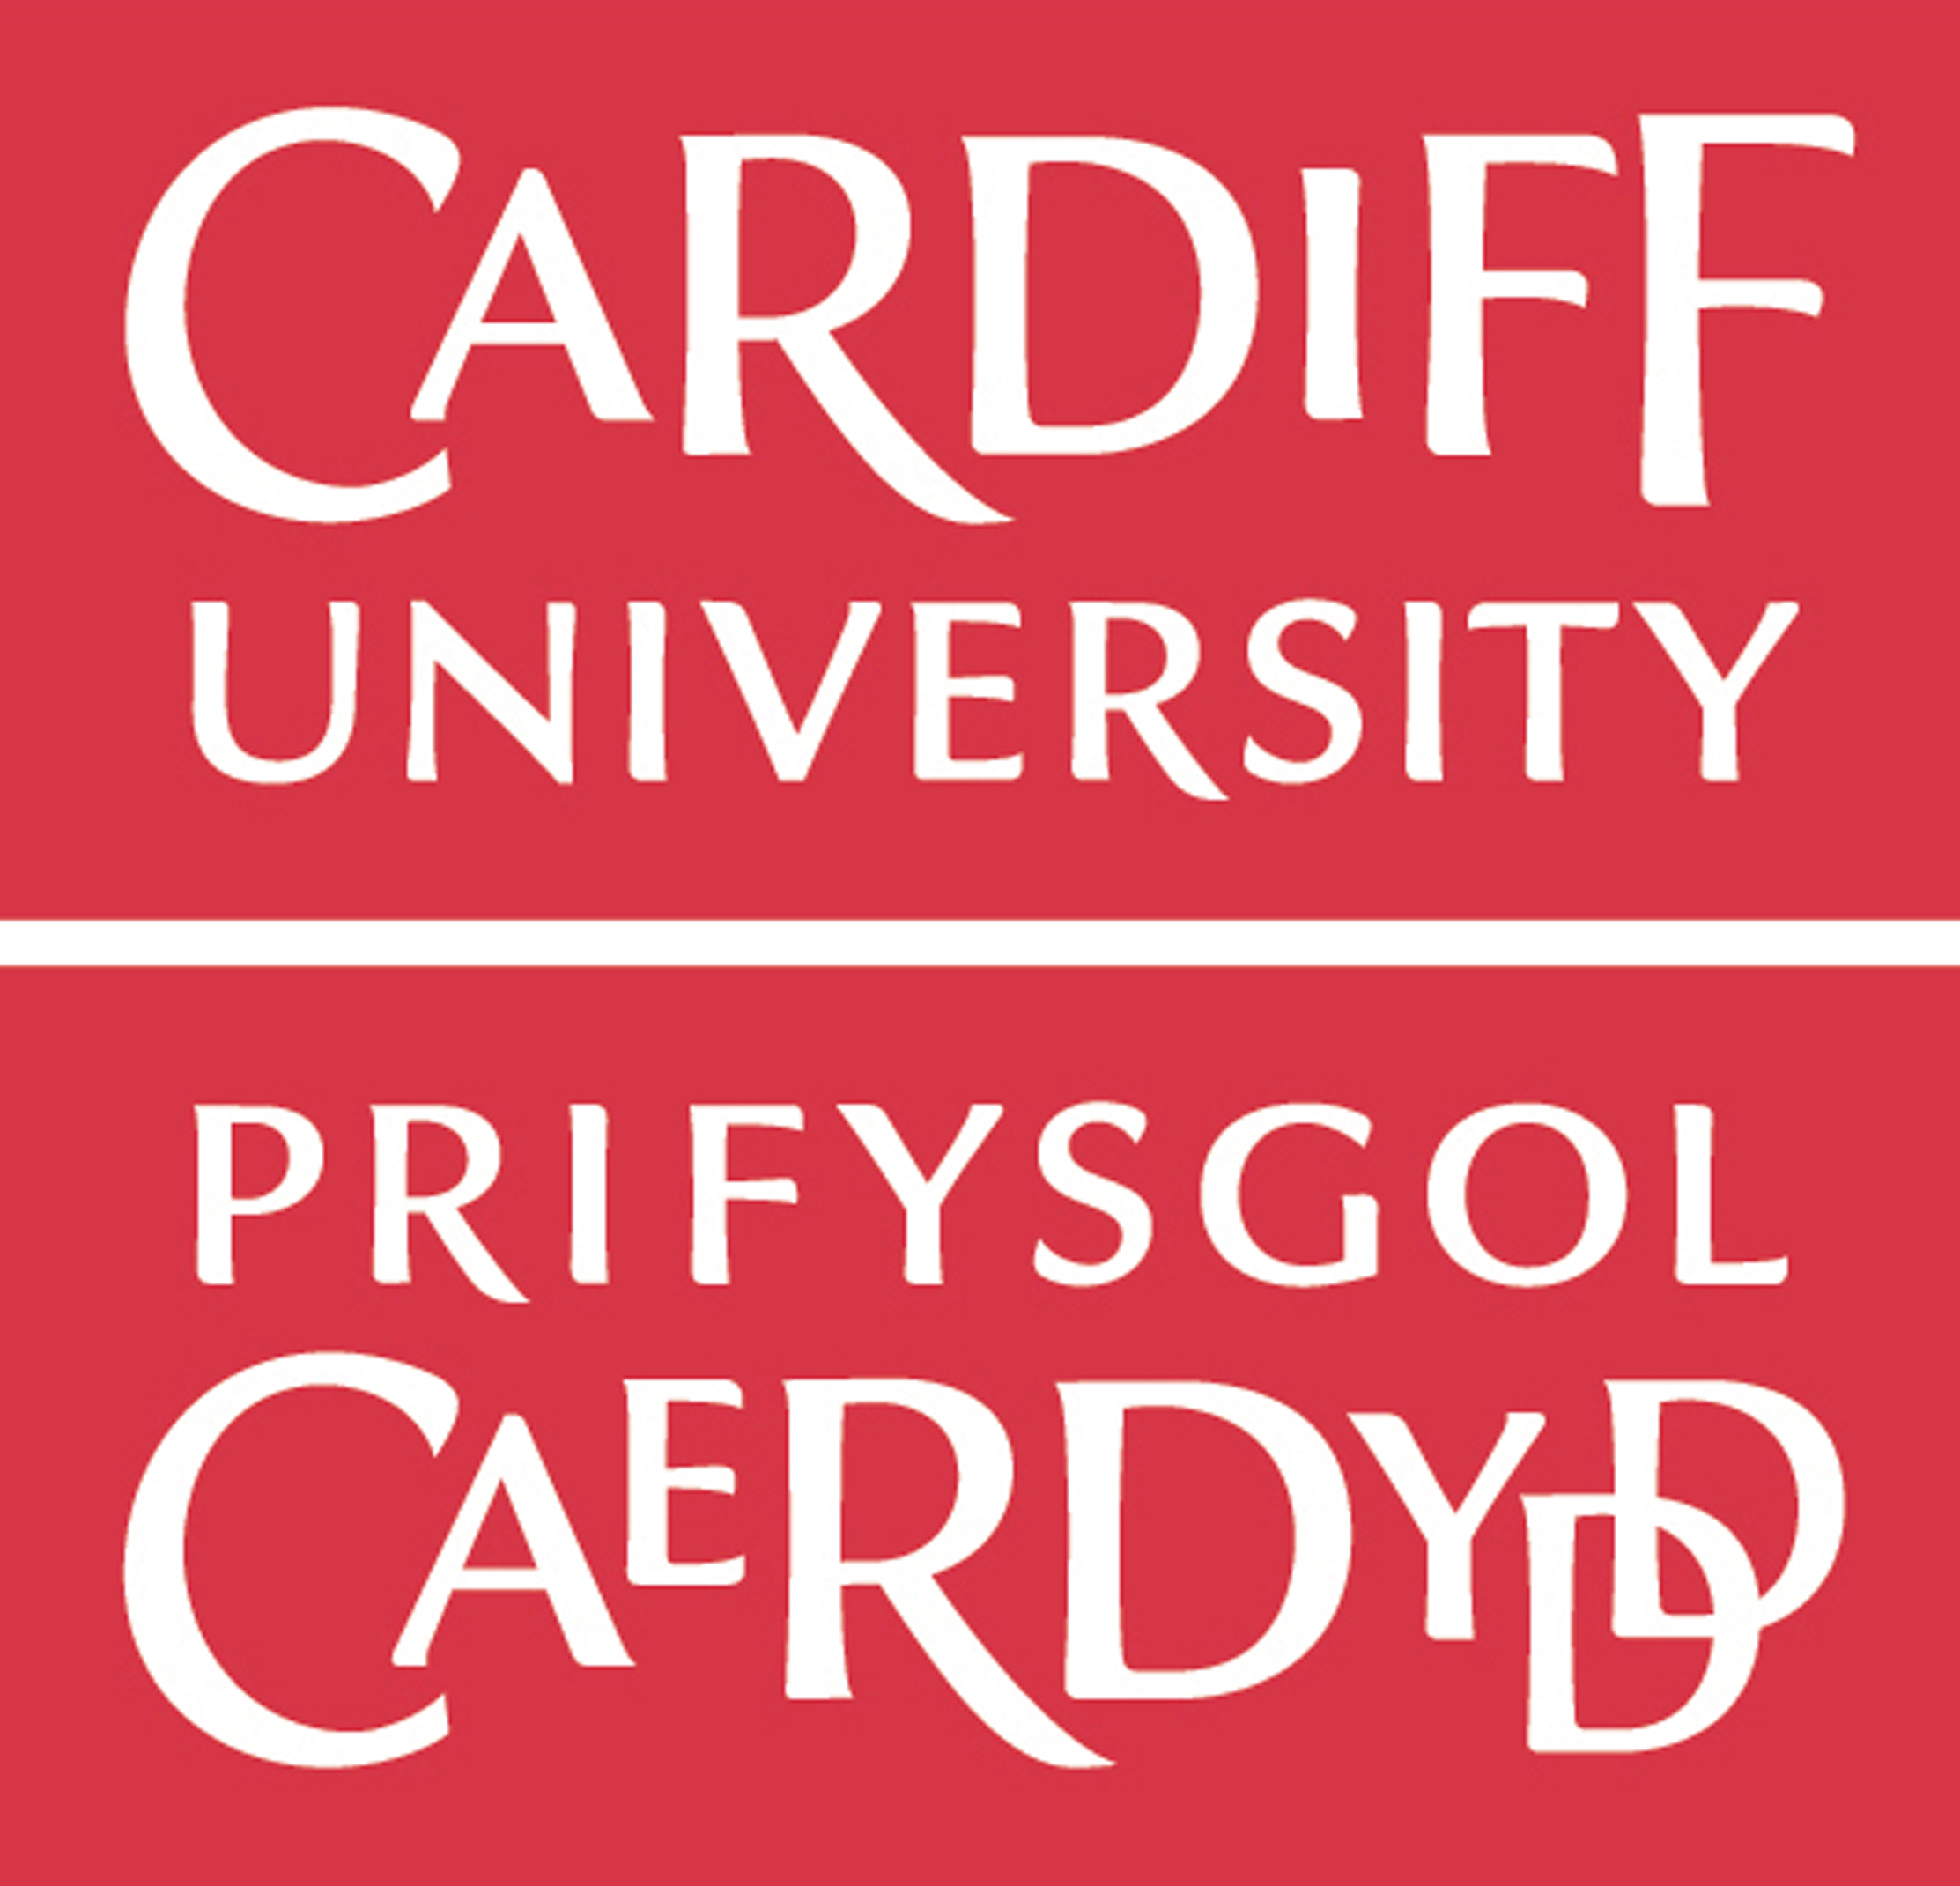 CardiffLogo